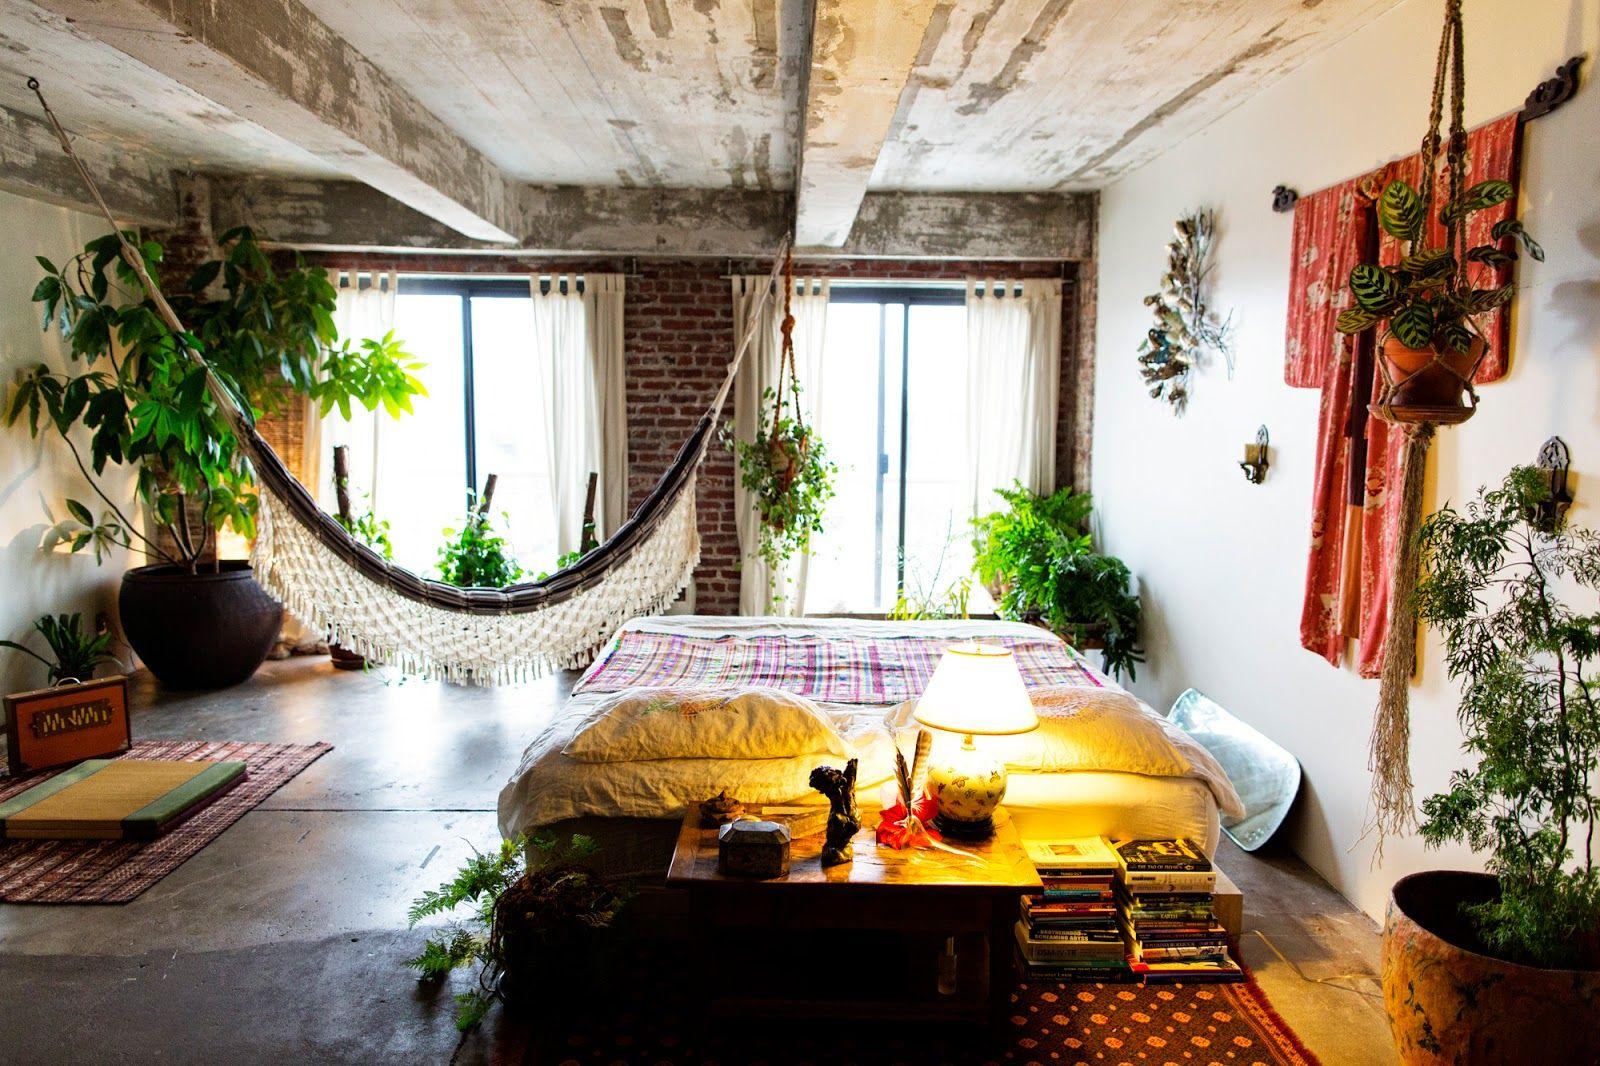 Pflanzen Schlafzimmer ~ Bohemian style als wohnstil teppiche hängematte und pflanzen